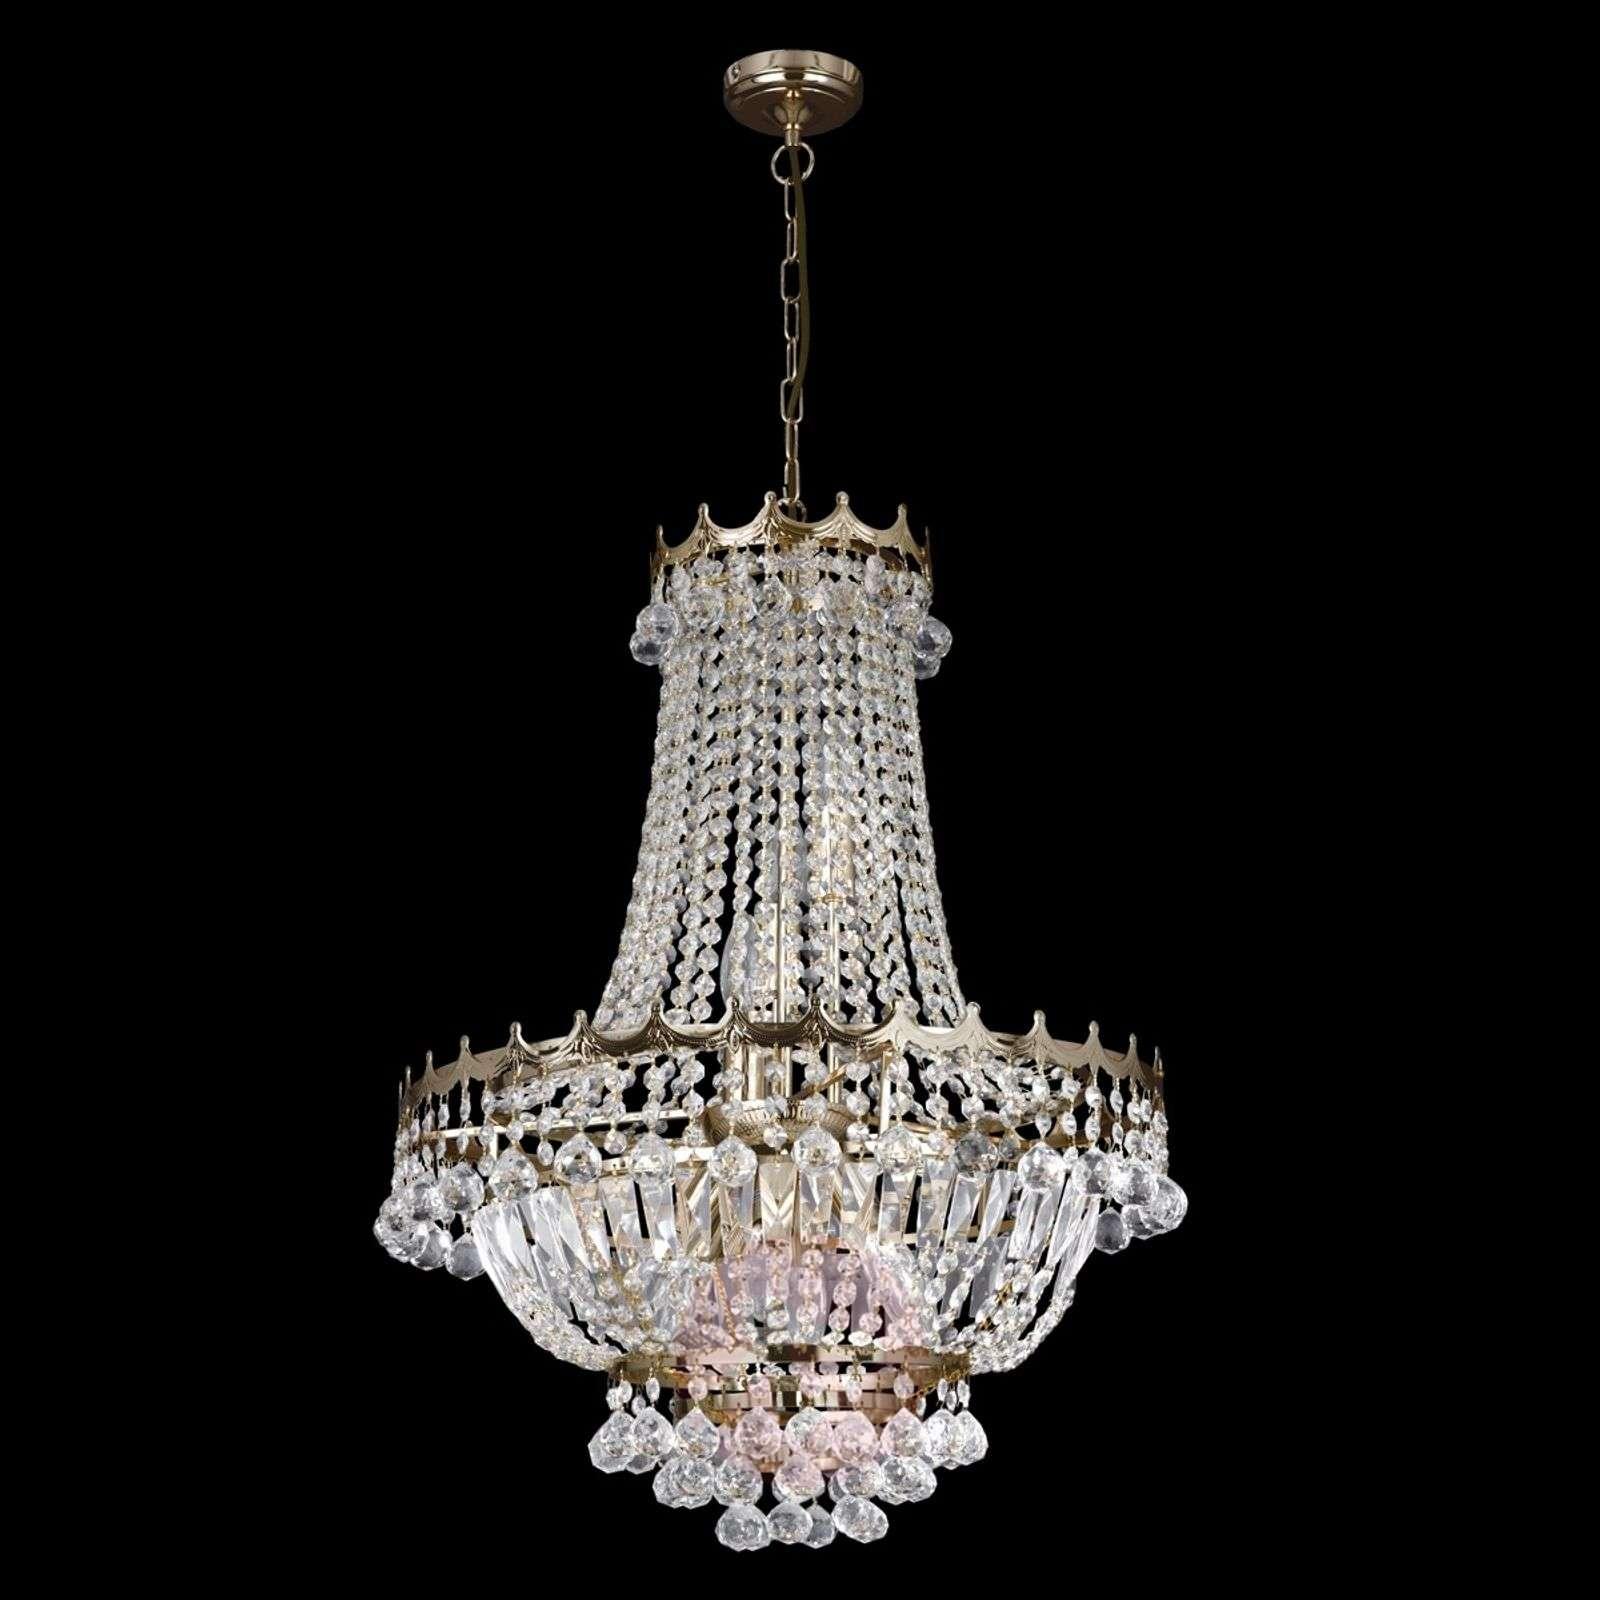 Vaikuttava kristallinen VERSAILLES-kattokruunu-8570416-01